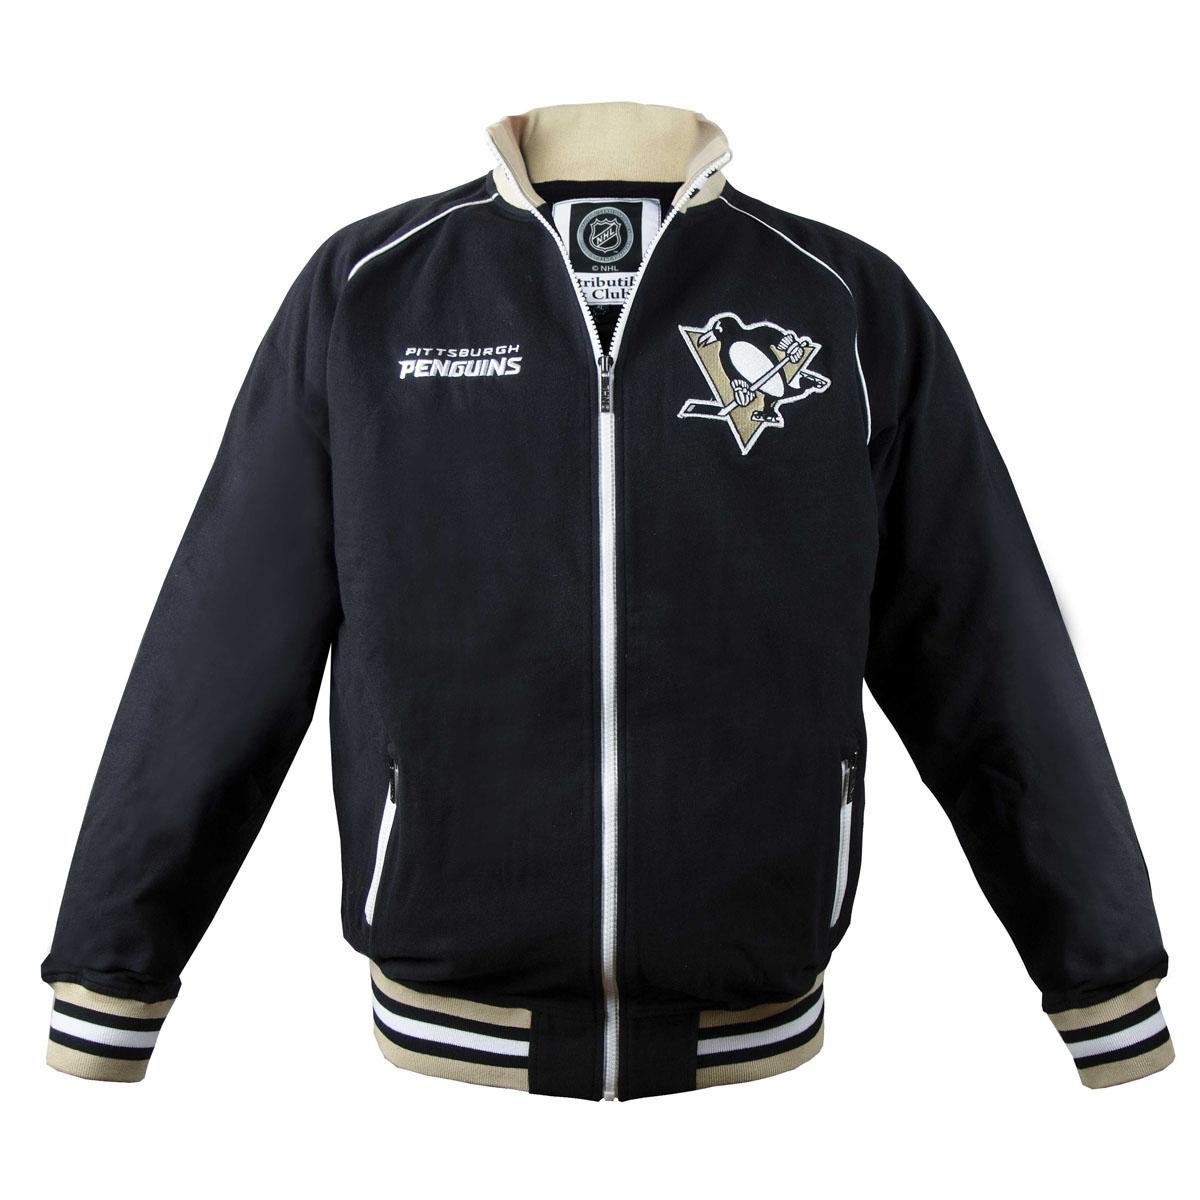 Толстовка мужская NHL Pittsburgh Penguins, цвет: черный. 35560. Размер XS (44)35560Мужская толстовка NHL Pittsburgh Penguins, изготовленная из натурального хлопка, очень мягкая и приятная наощупь, не сковывает движения, обеспечивая наибольший комфорт.Толстовка с небольшим воротником-стойкой и длинными рукавами-реглан застегивается на молнию по всей длине. Снизу модели предусмотрена широкая мягкая резинка, которая предотвращает проникновение холодного воздуха.Рукава дополнены эластичными манжетами. Резинка, воротник и манжеты оформлены контрастными полосками. Спереди расположены два прорезных кармана на застежках-молниях. Изделиеоформлено вышивкой с названием хоккейного клуба Pittsburgh Penguins и аппликацией с его эмблемой.Стильная толстовка подарит вам комфорт и станет отличным дополнением к вашему гардеробу.